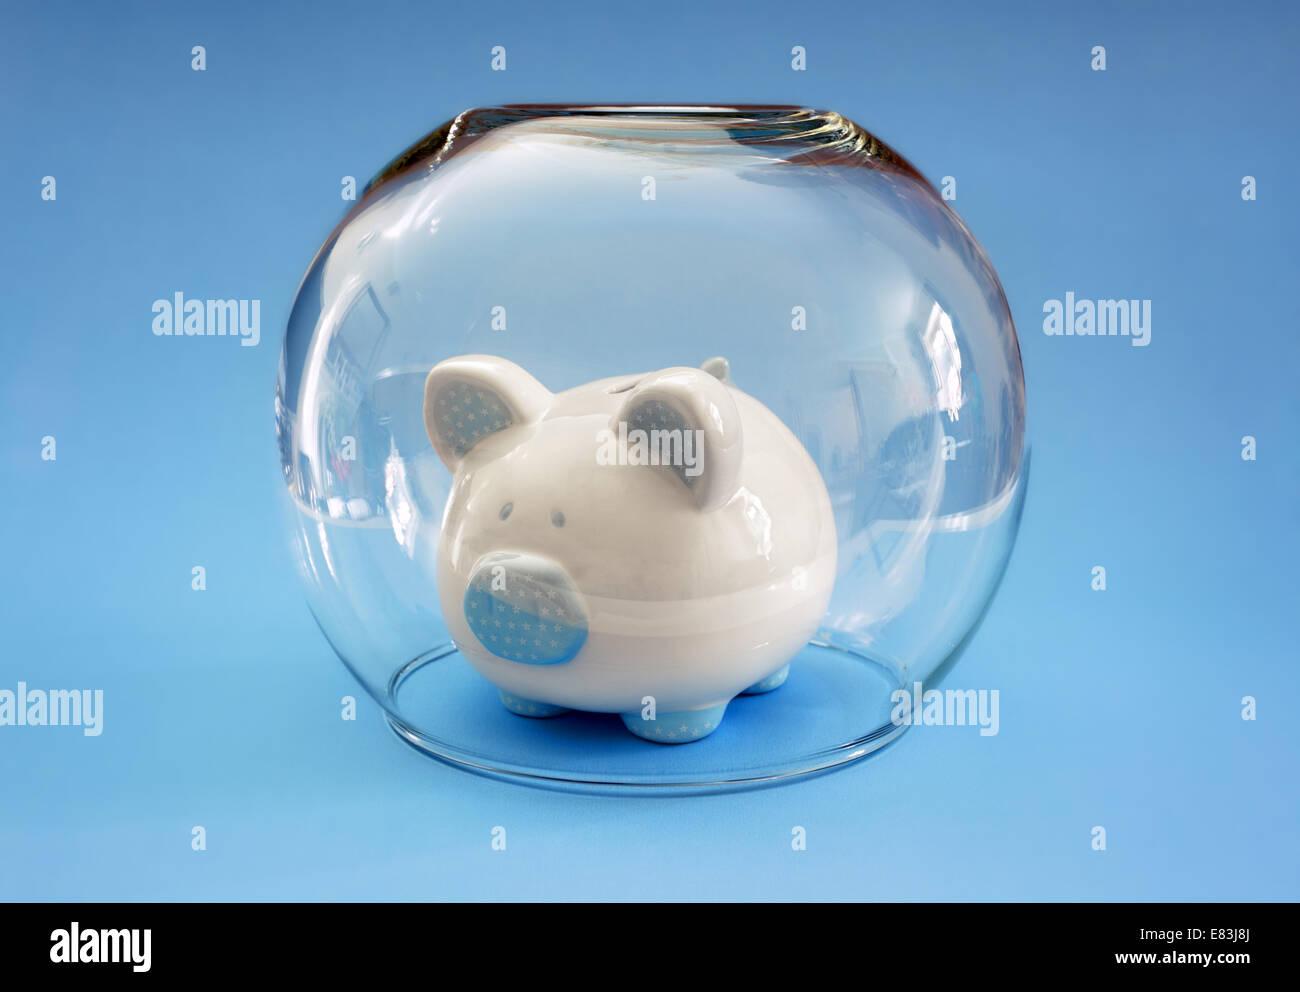 Protéger votre argent Photo Stock